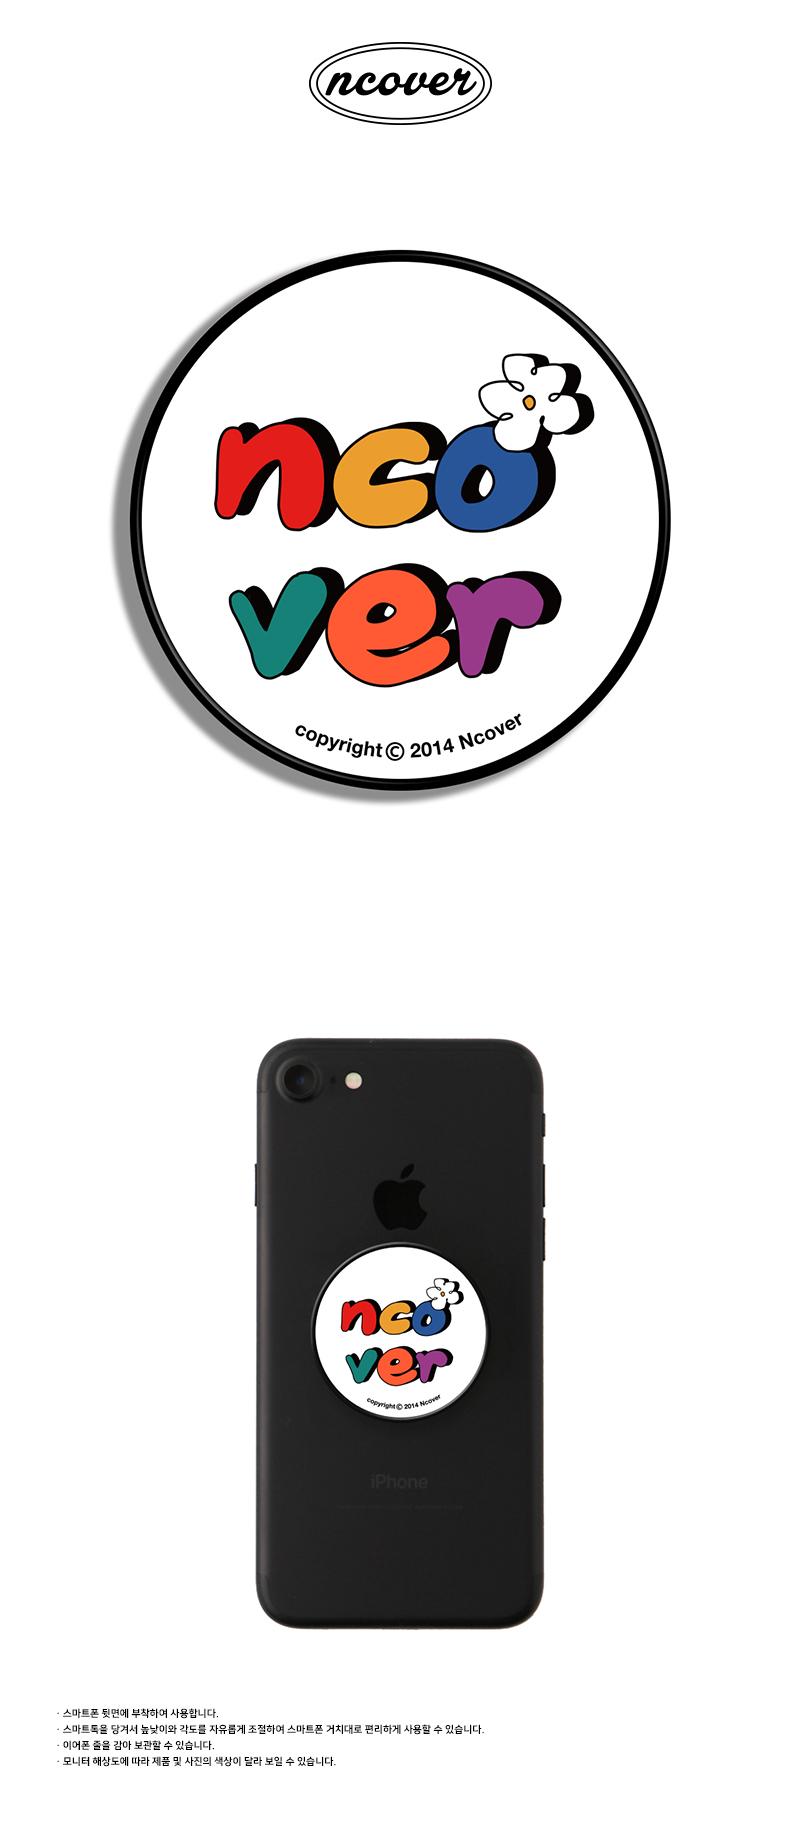 Pati color logo-white(smark tok).jpg